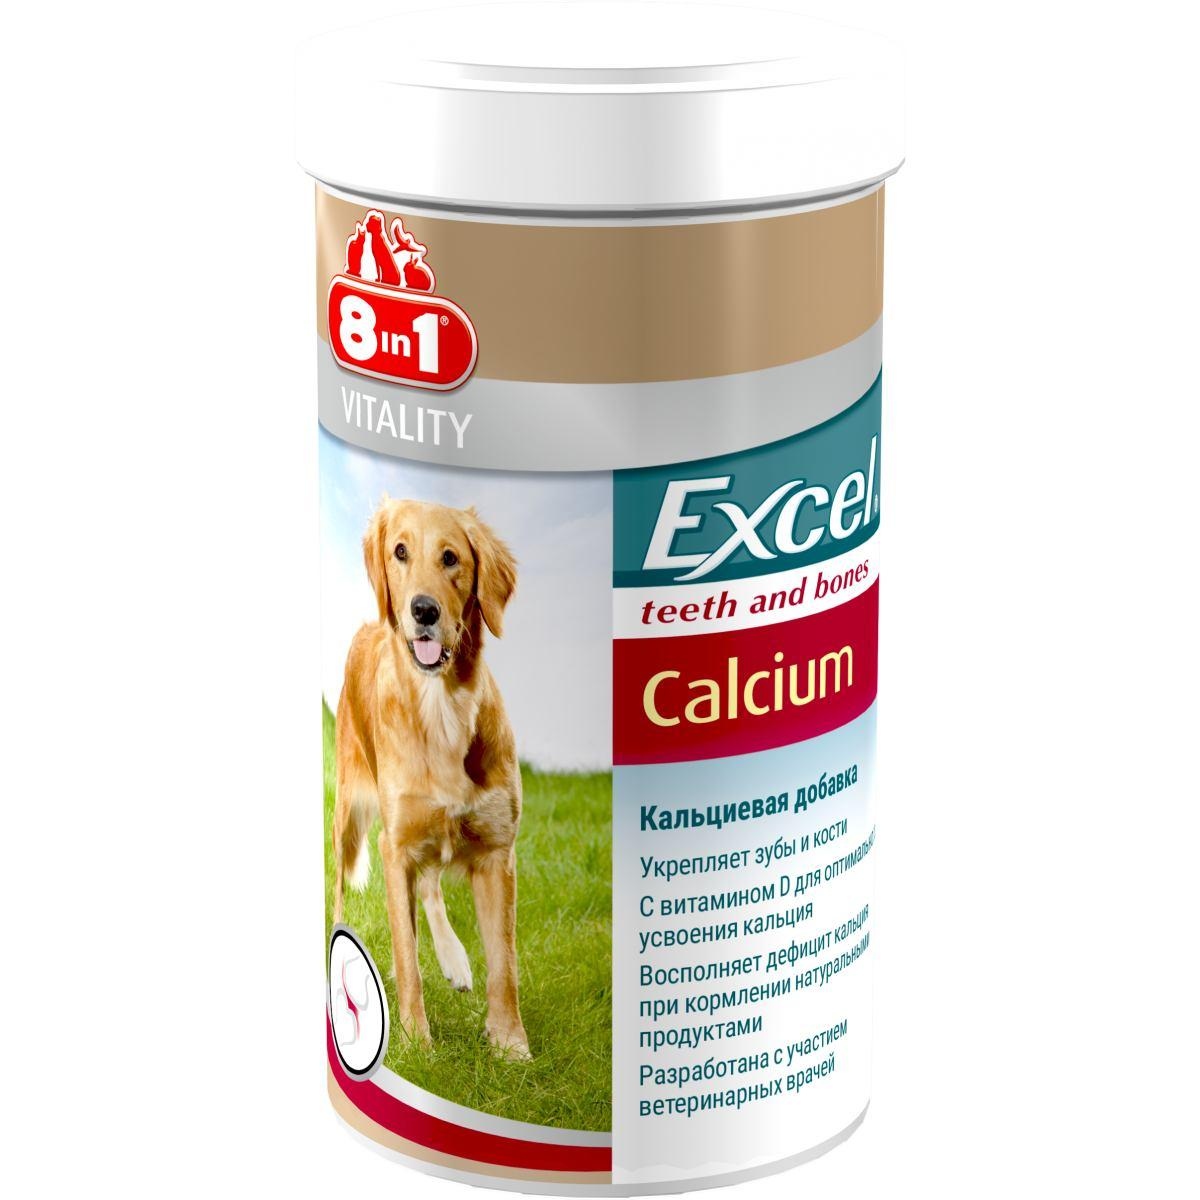 Кальций для собак 8in1 Excel Calcium 470 таблеток (для зубов и костей)